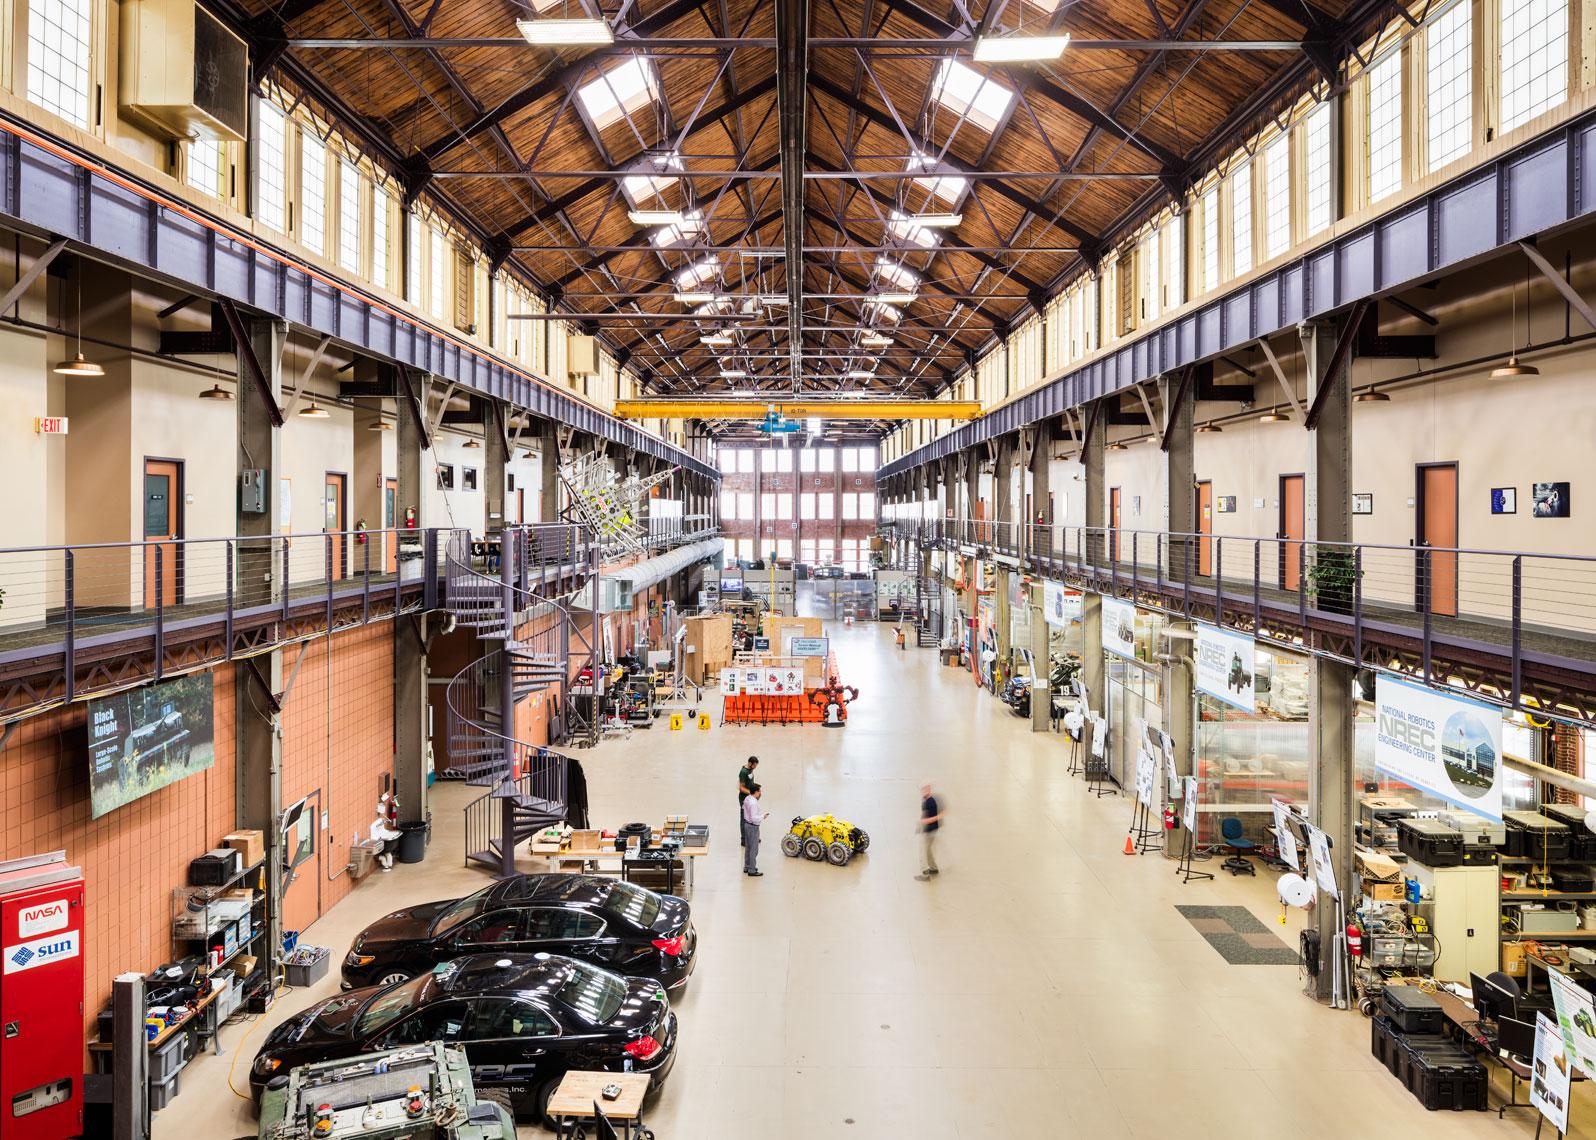 National Robotics Engineering Center/Carnegie Mellon Robotics Institute